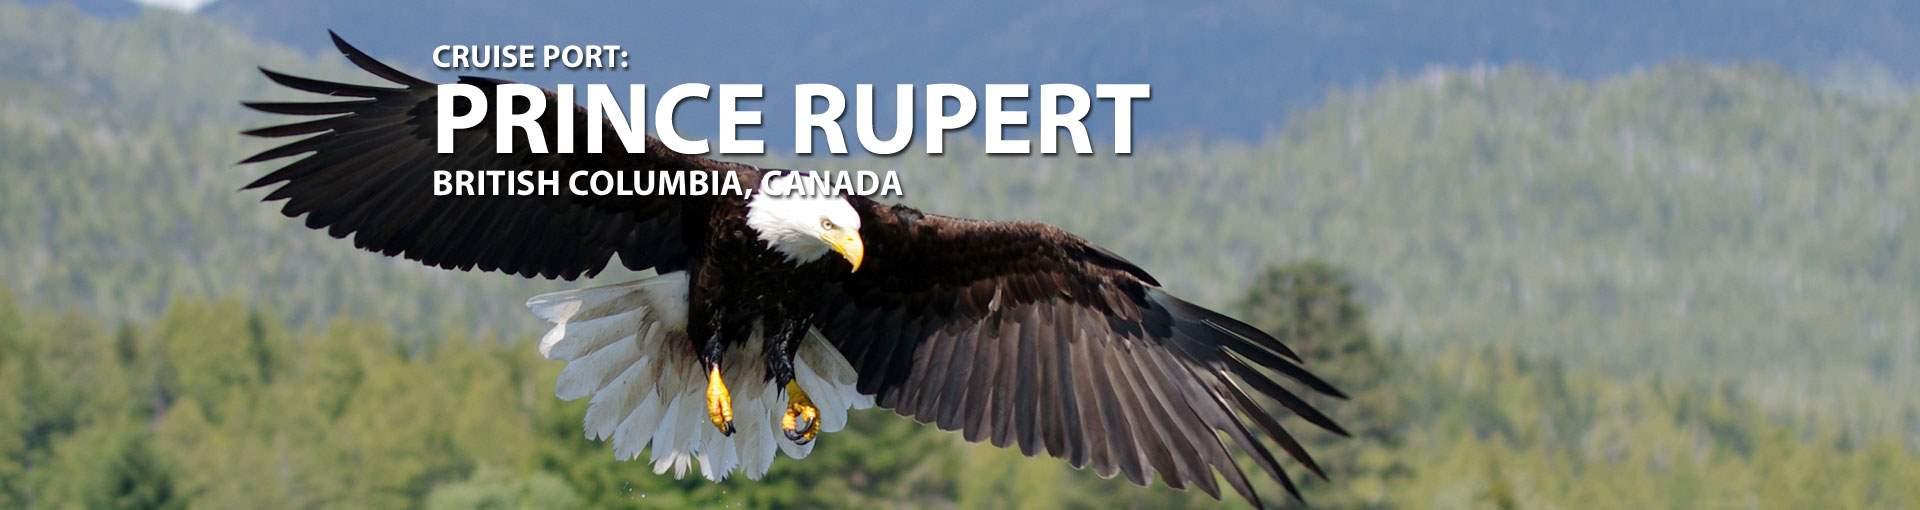 Cruises to Prince Rupert, British Columbia